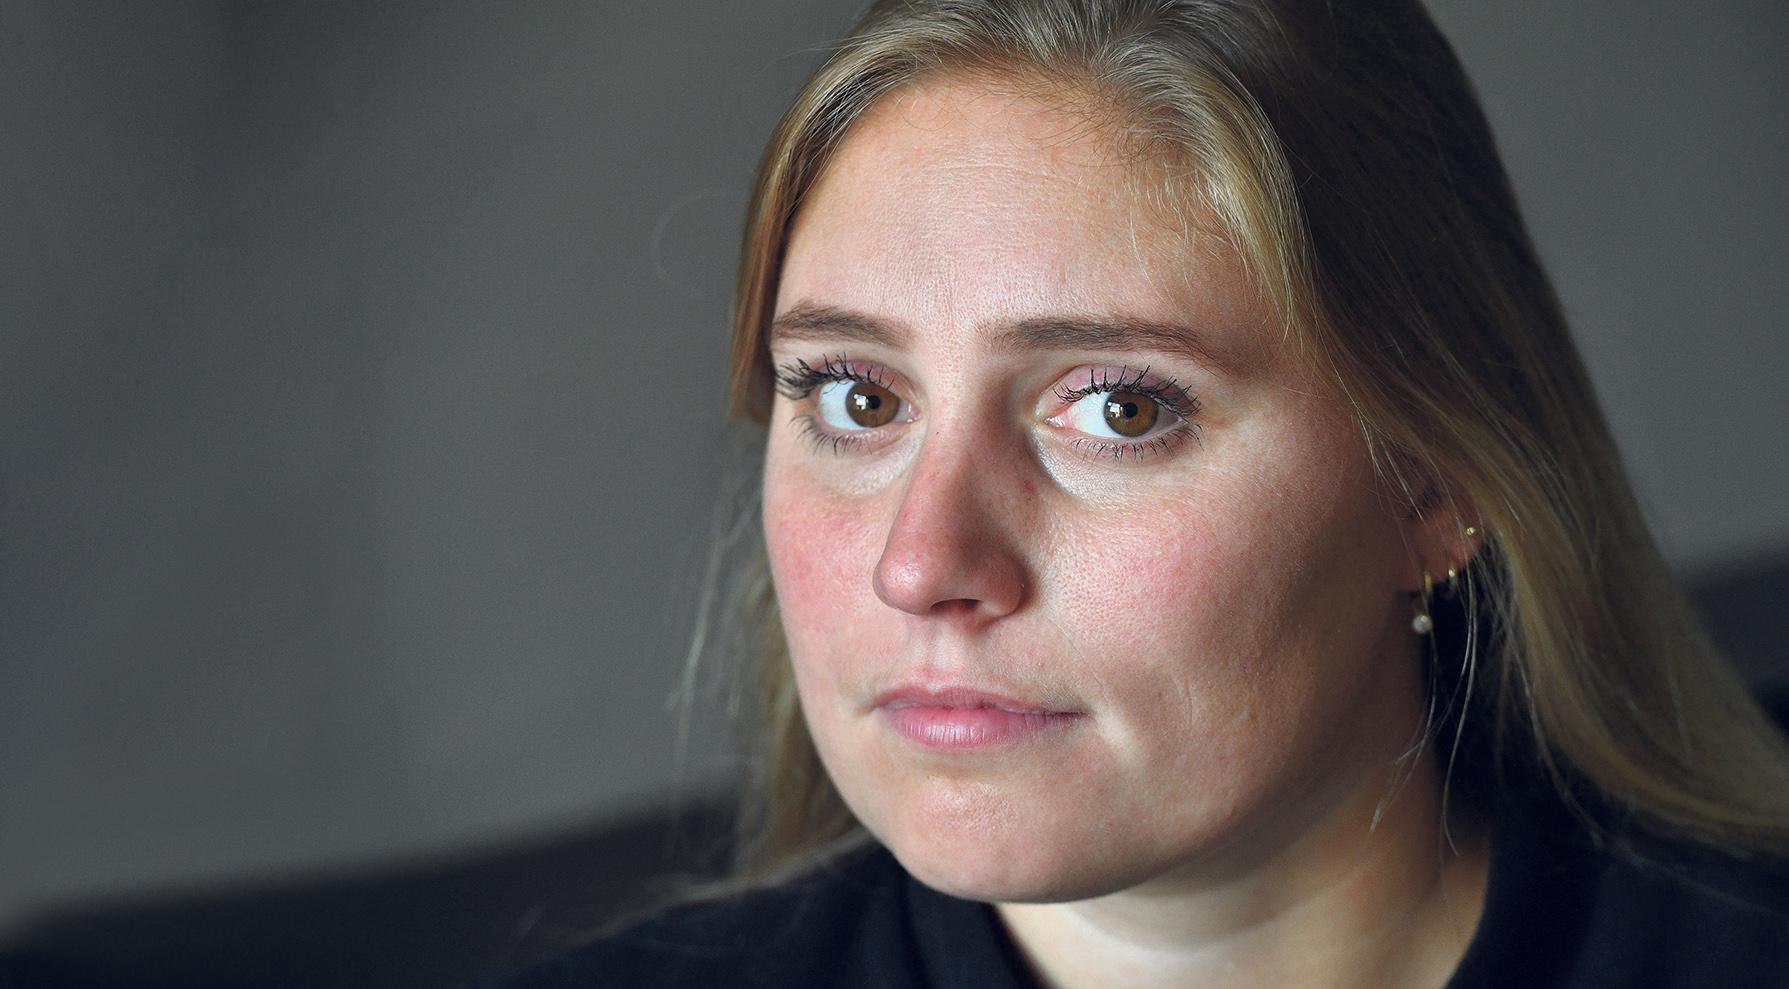 Oud-turnster Stephanie Tijmes treedt uit de anonimiteit en mengt zich in debat over turnmisbruik: 'De ellende die wij hebben moeten doorstaan, is heel veel turnsters overkomen'